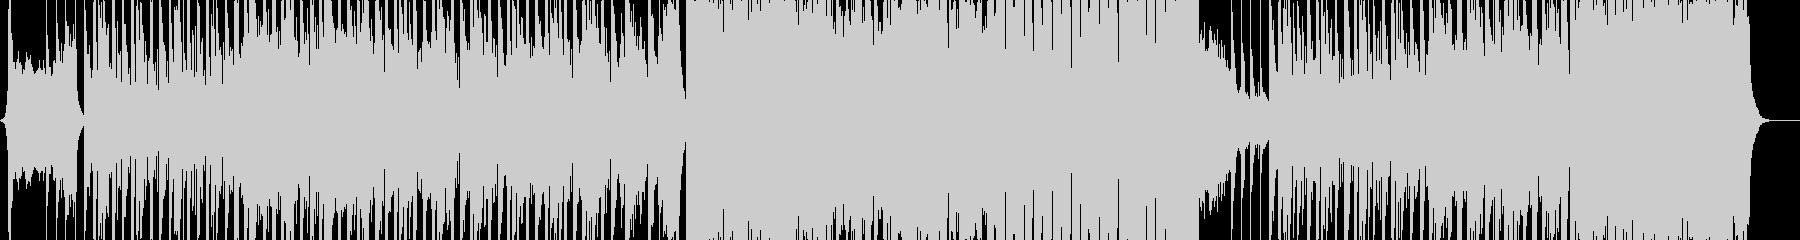 歓喜の歌ベートーベン第九ヒップホップ版の未再生の波形